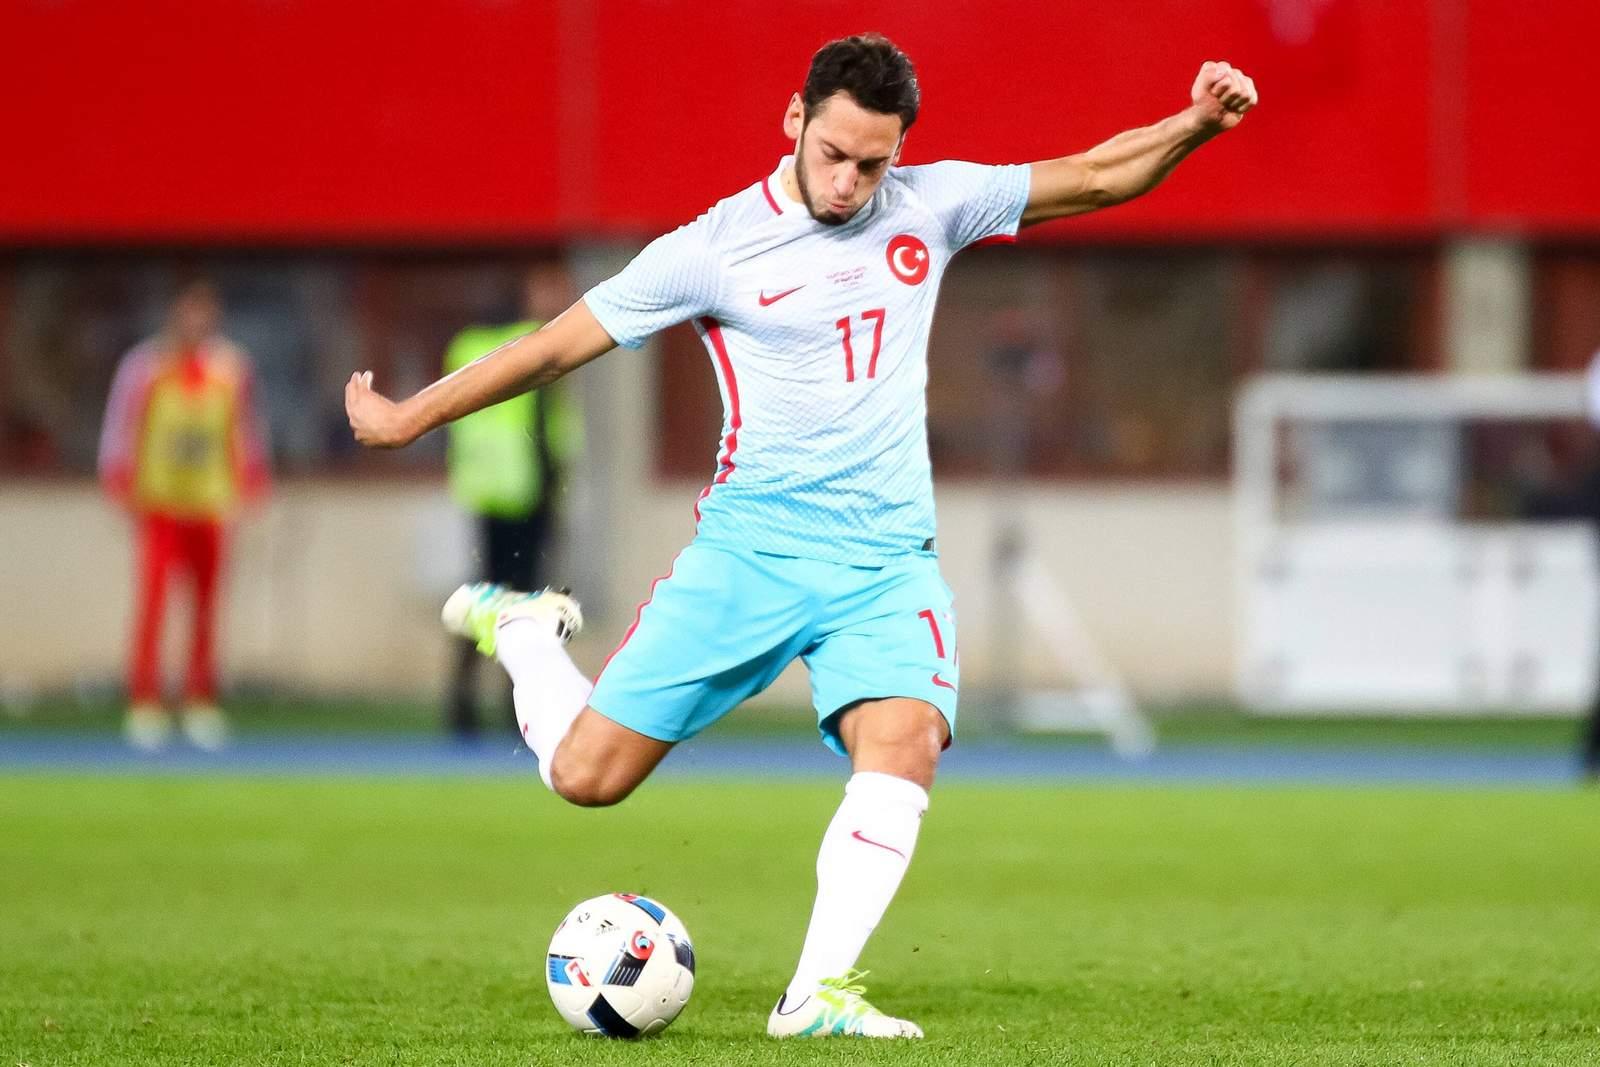 Hakan Calhanoglu im Trikot der Nationalmannschaft. Jetzt auf die Partie Finnland gegen Türkei wetten